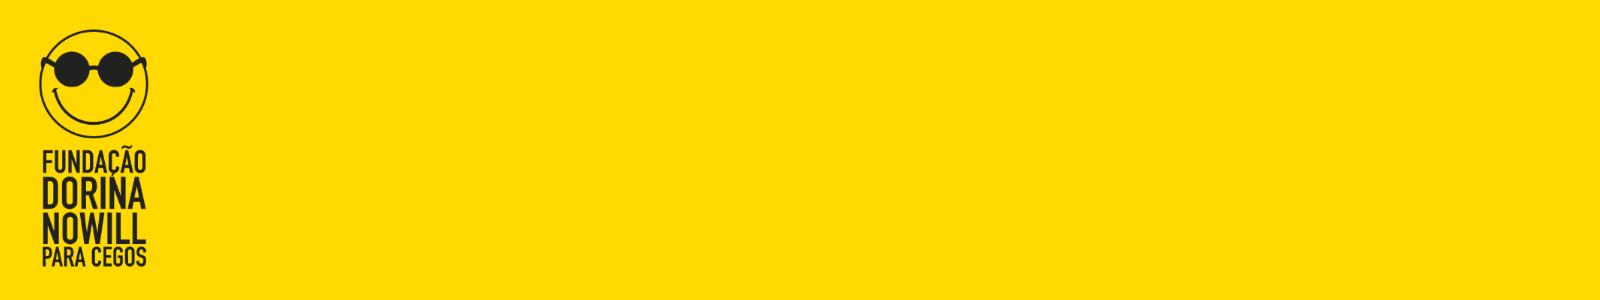 Retângulo amarelo, com logo da Fundação Dorina à esquerda, em linhas pretas.